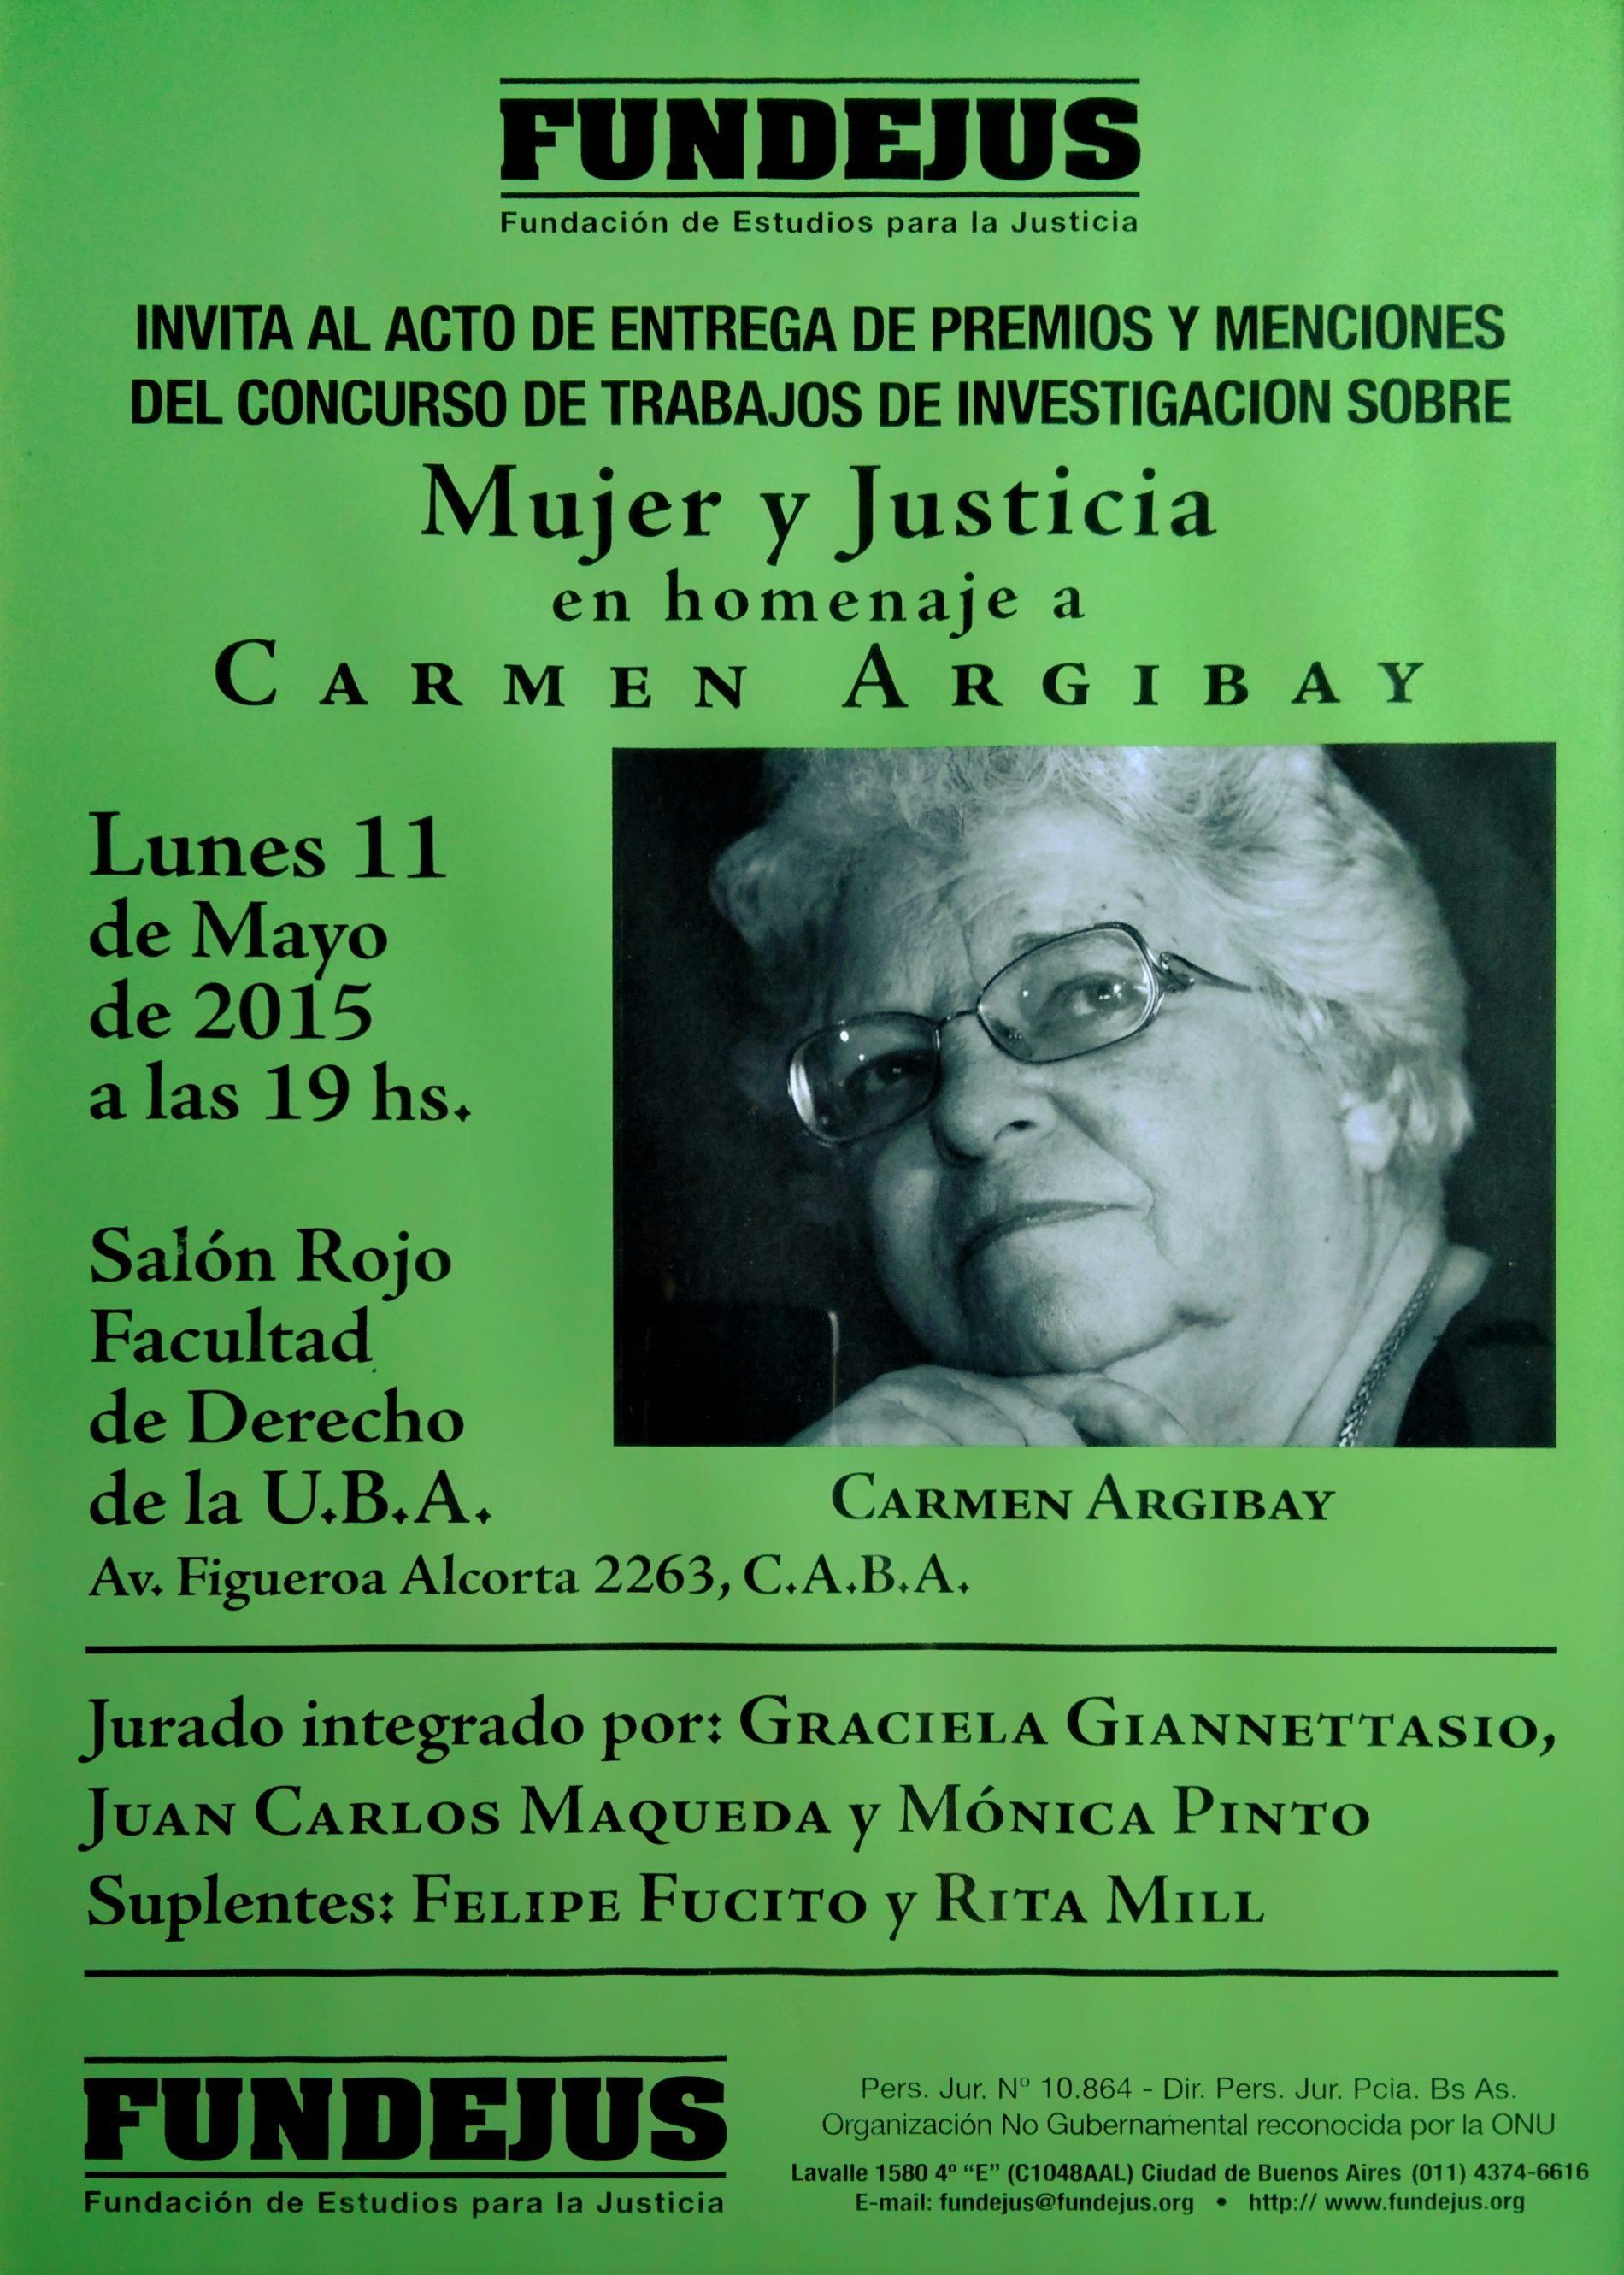 «MUJER Y JUSTICIA. en homenaje a CARMEN ARGIBAY»